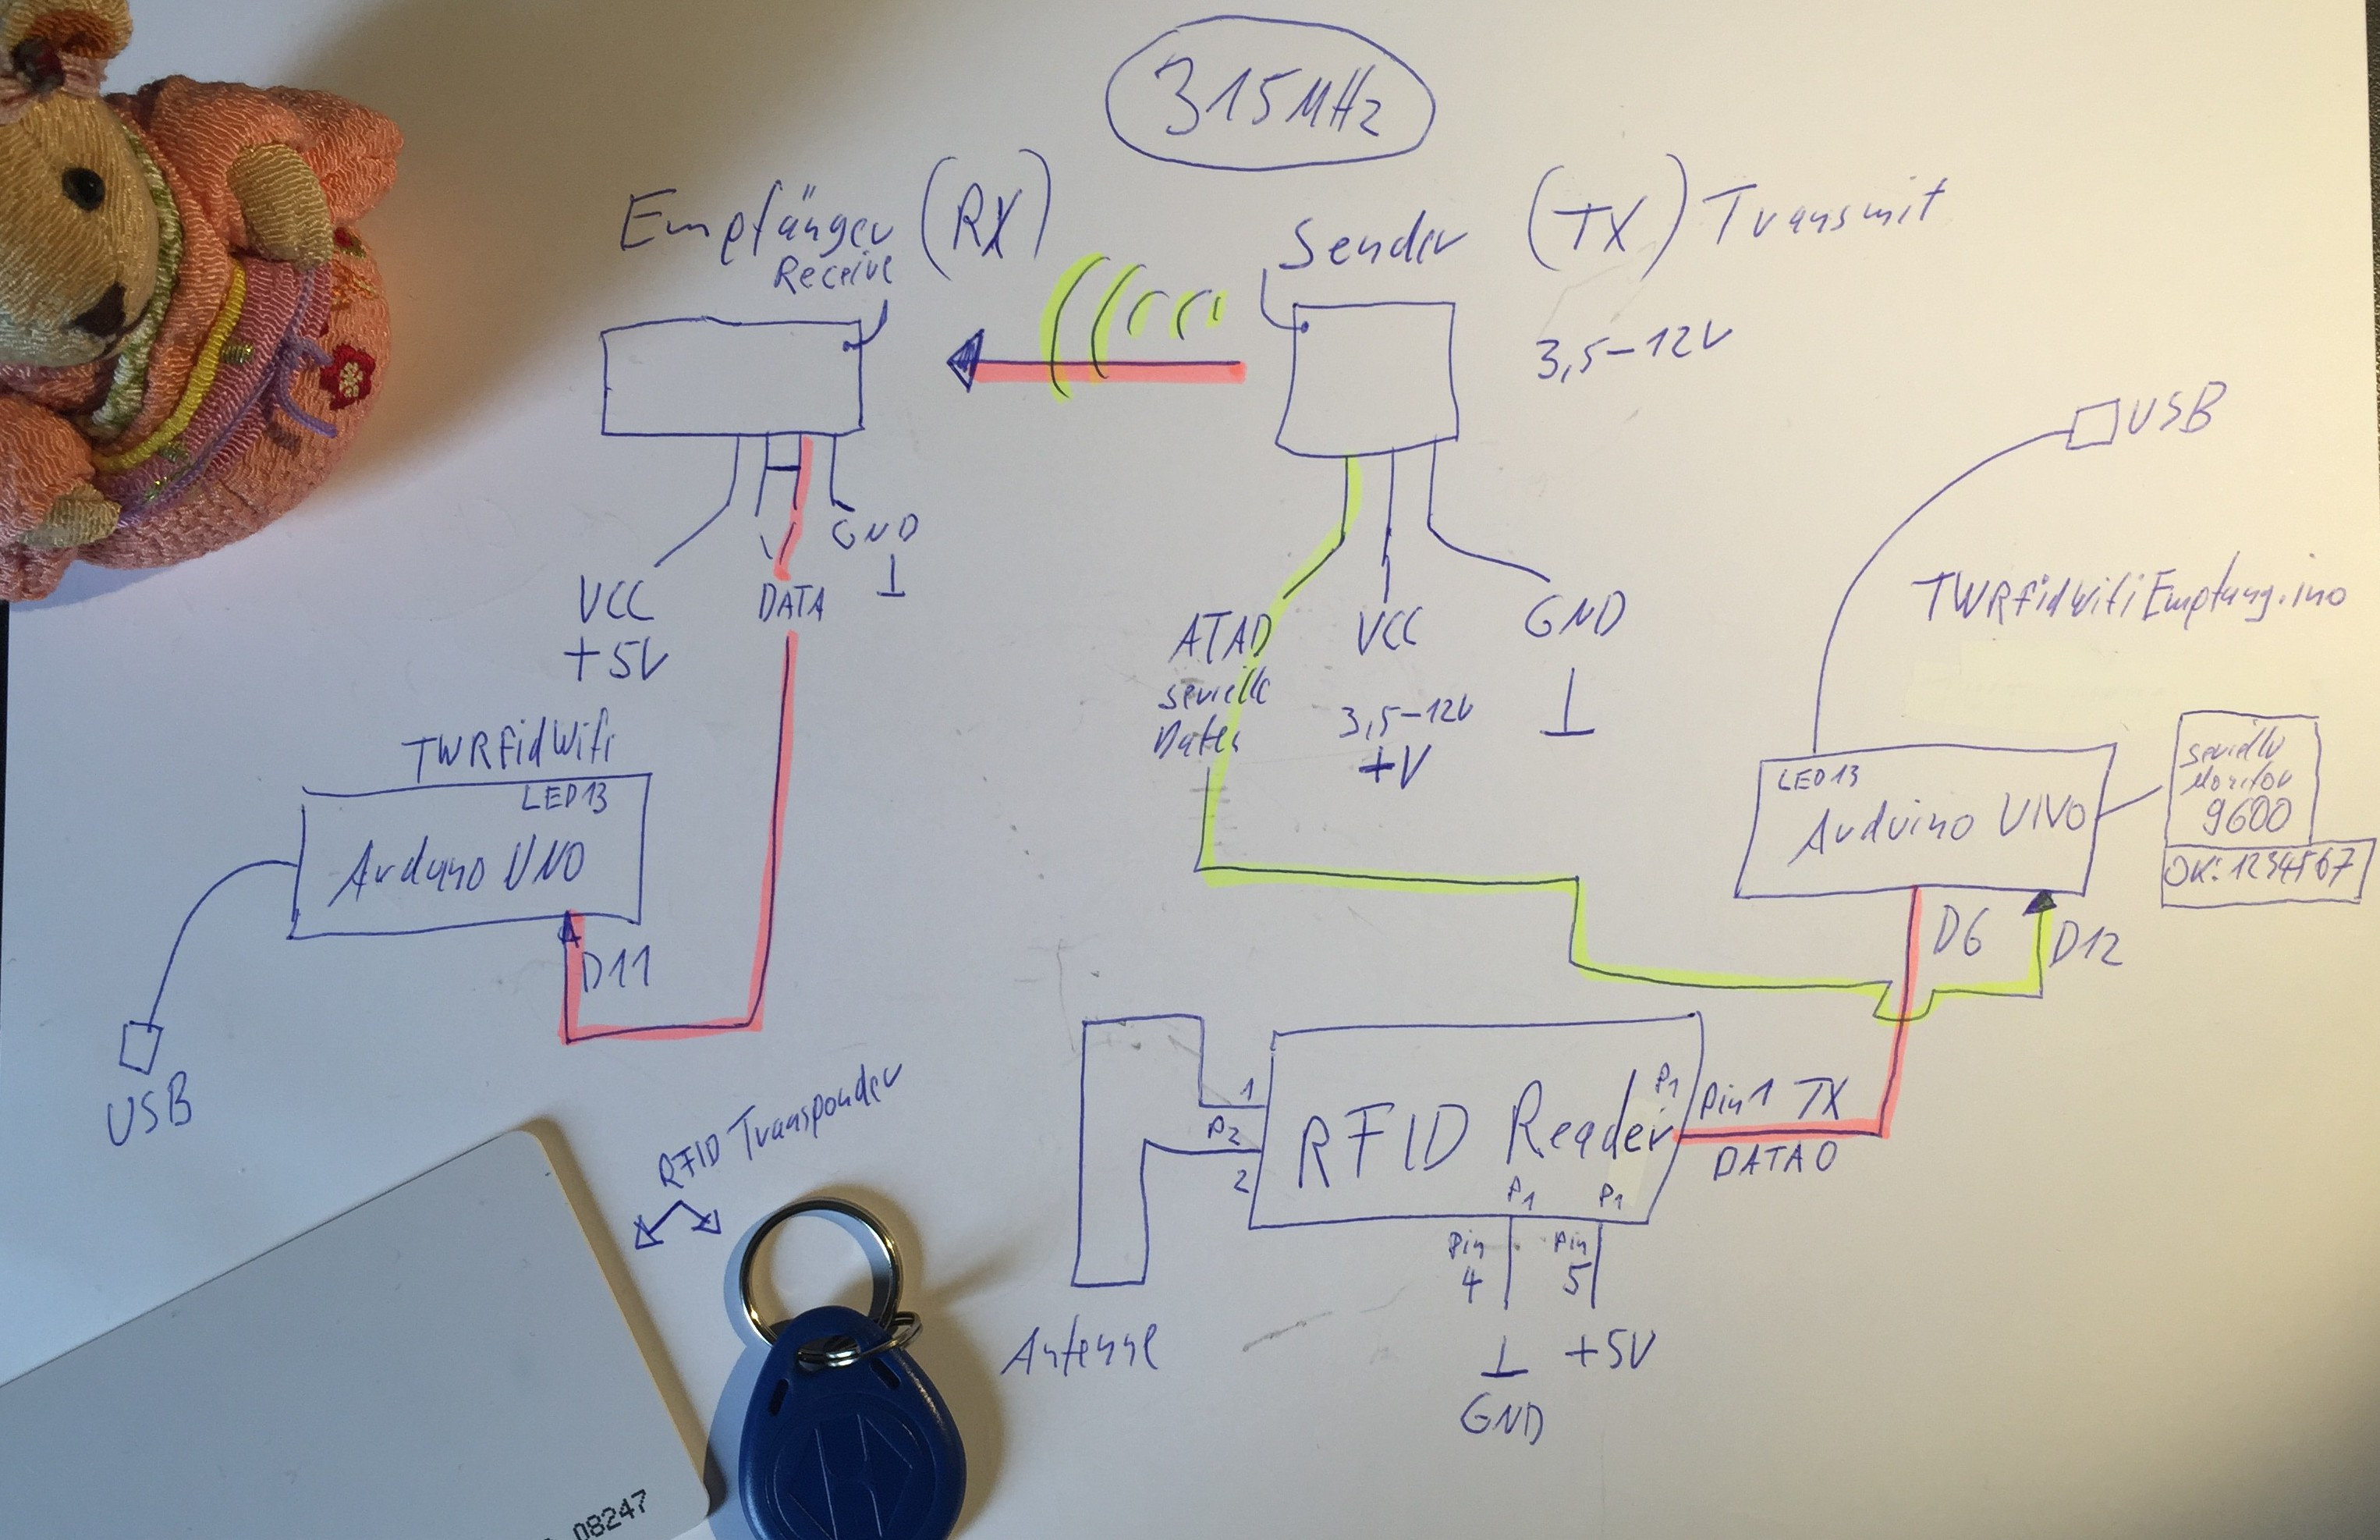 Schema RFID